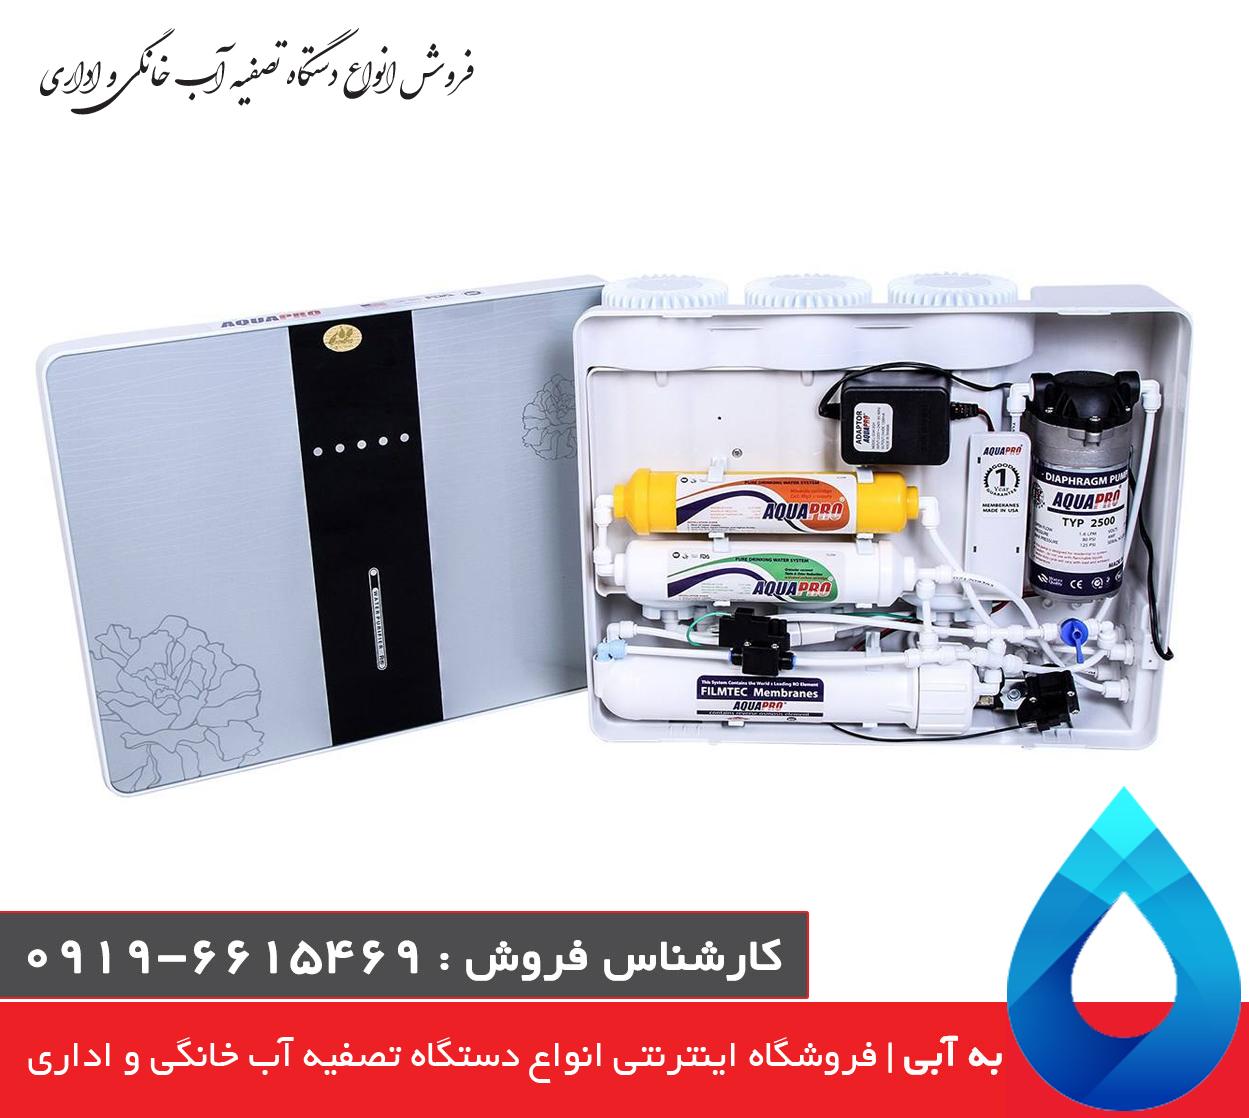 دستگاه تصفیه آب کیسی -aqua pro